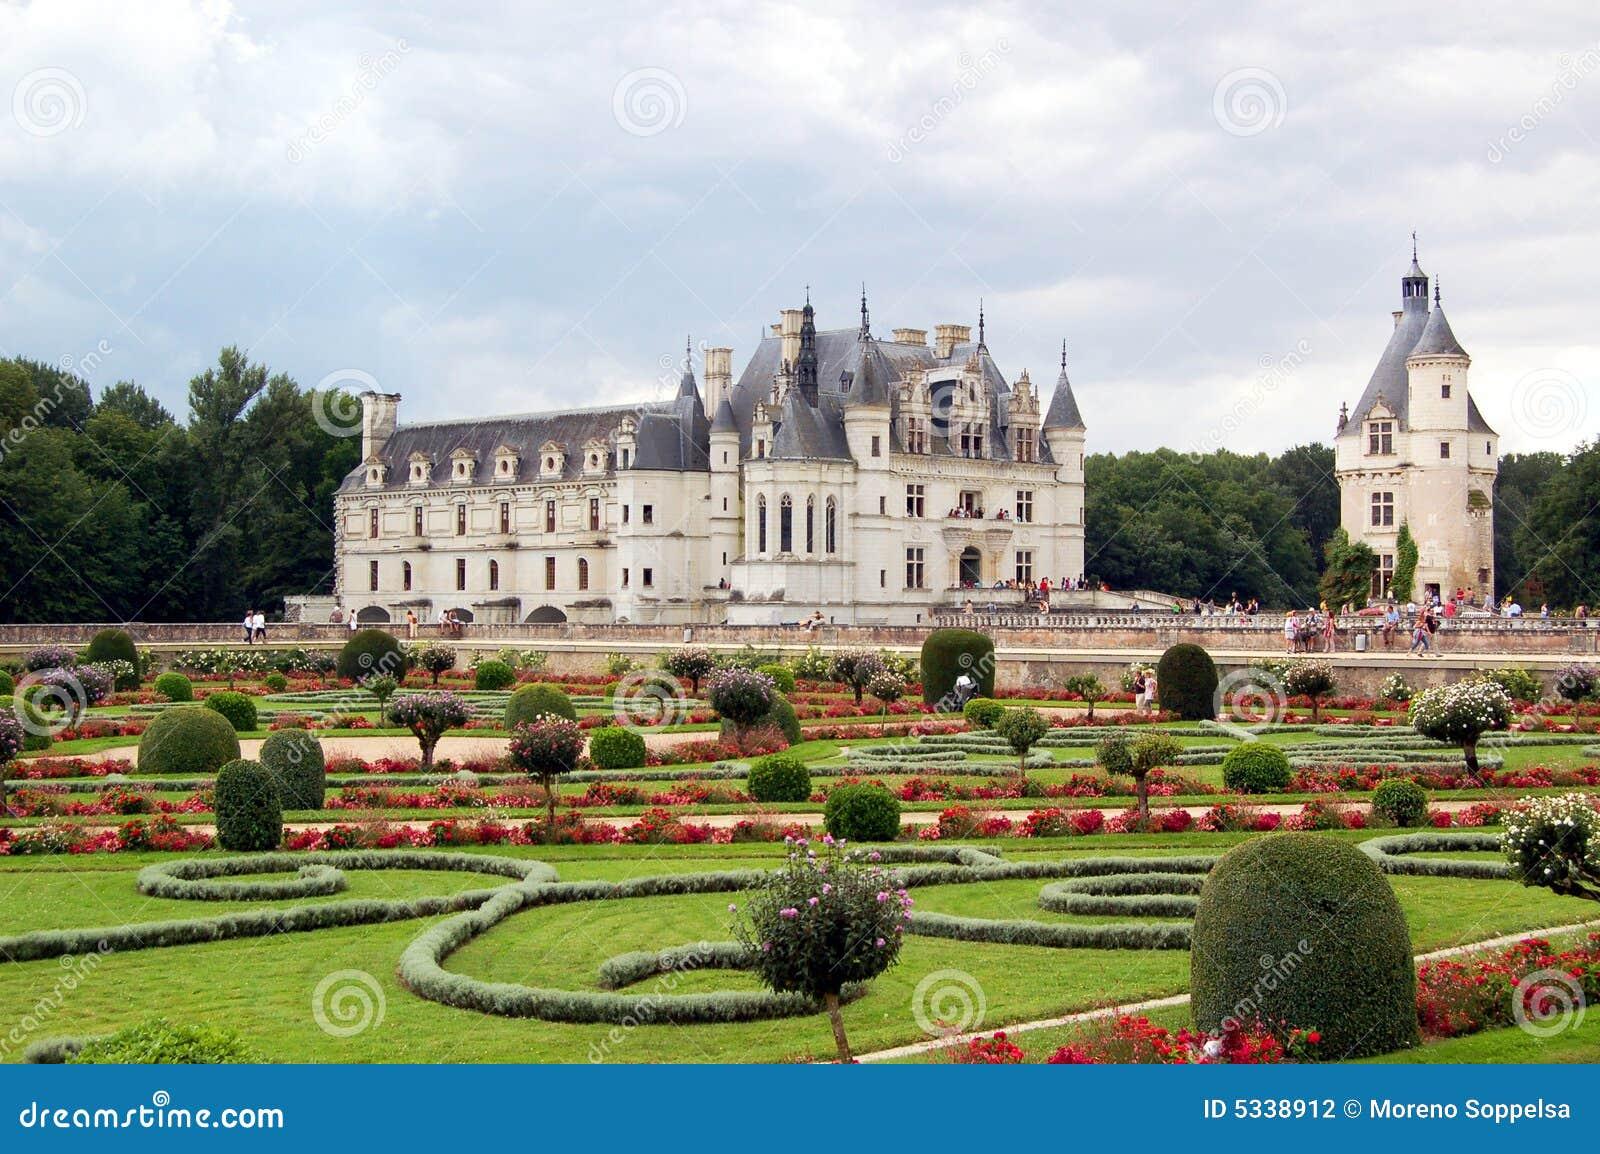 French Chateau House Plans Jardins De Chateau De Chenonceau Photo Stock Image Du